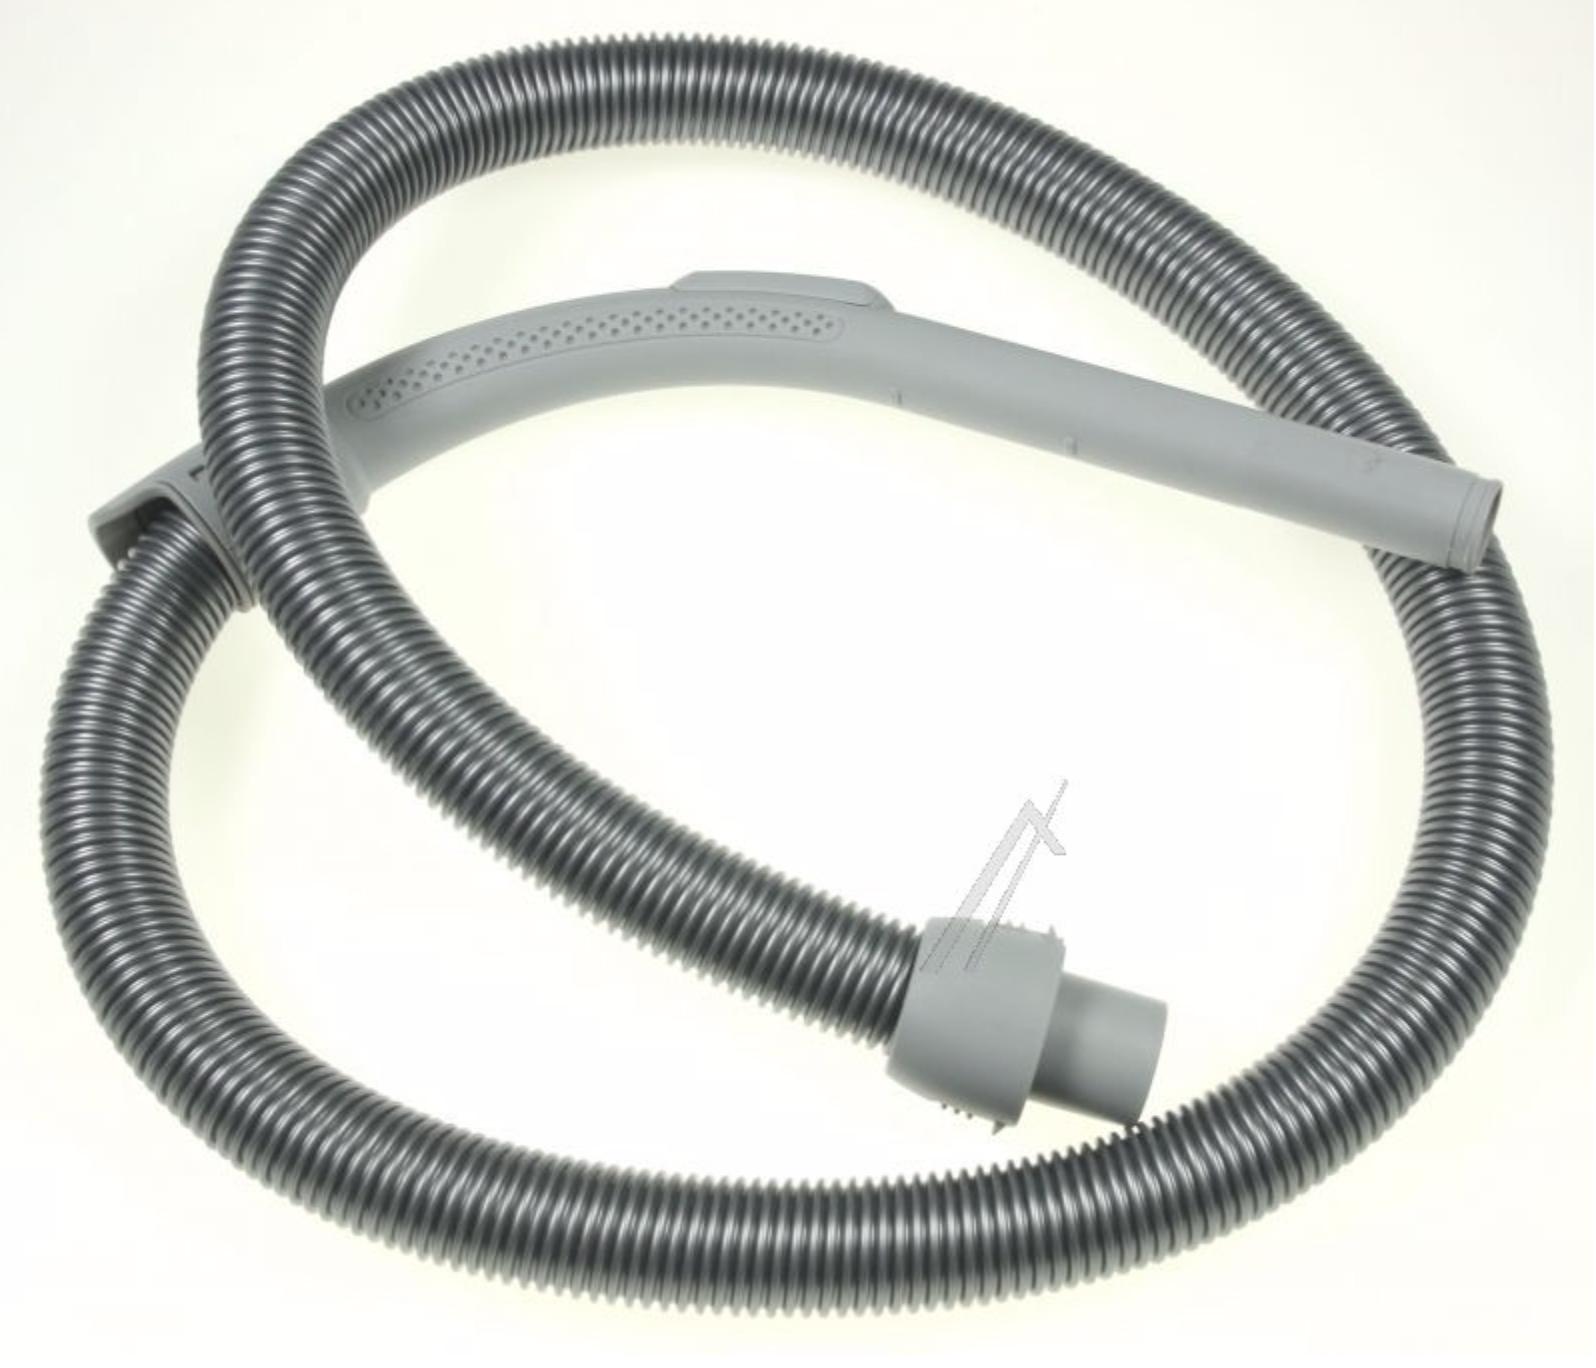 e6287c1cc89 Hinnavaatlus - Electrolux Tolmuimeja voolik AEG, original SMART170.0 ...